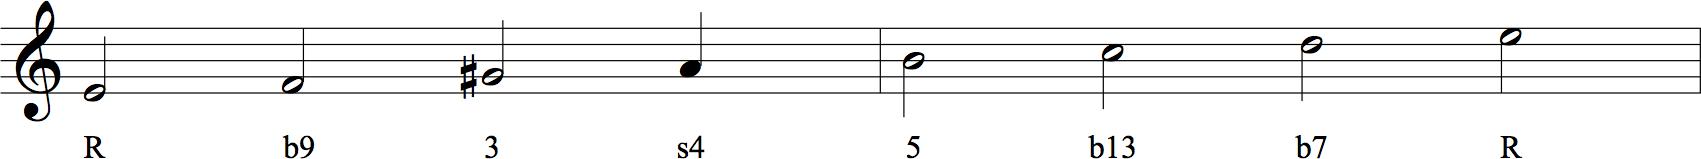 Advanced Chord Scales Part 2 Hub Guitar